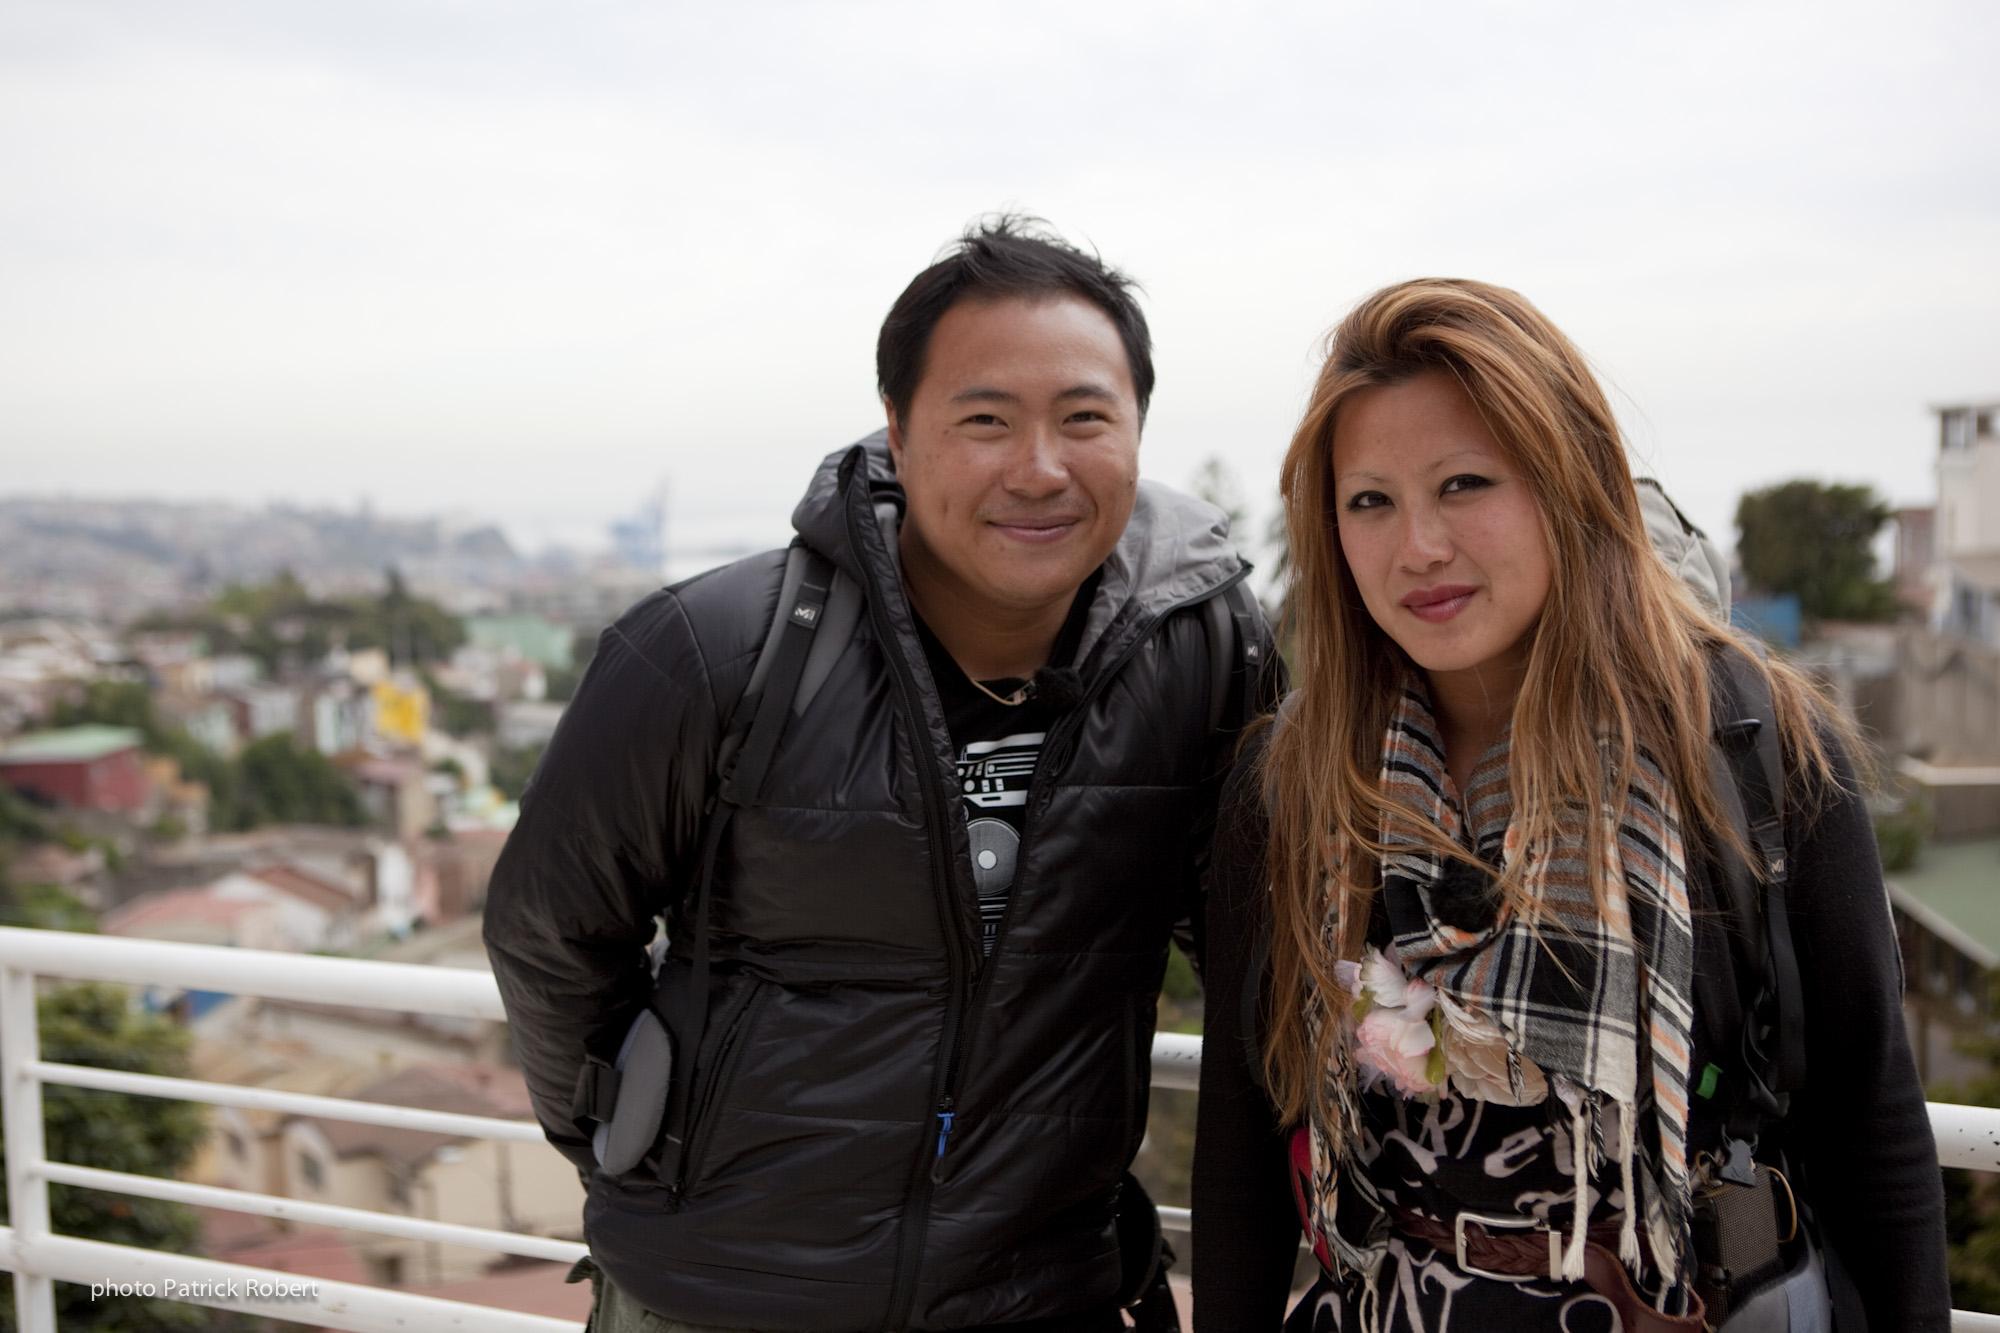 Pékin Express 5 - Hoang et Quyen - Chili  Valparaiso - Ville au charme légendaire -  Maison du poète et écrivain Chilien Pablo Neruda